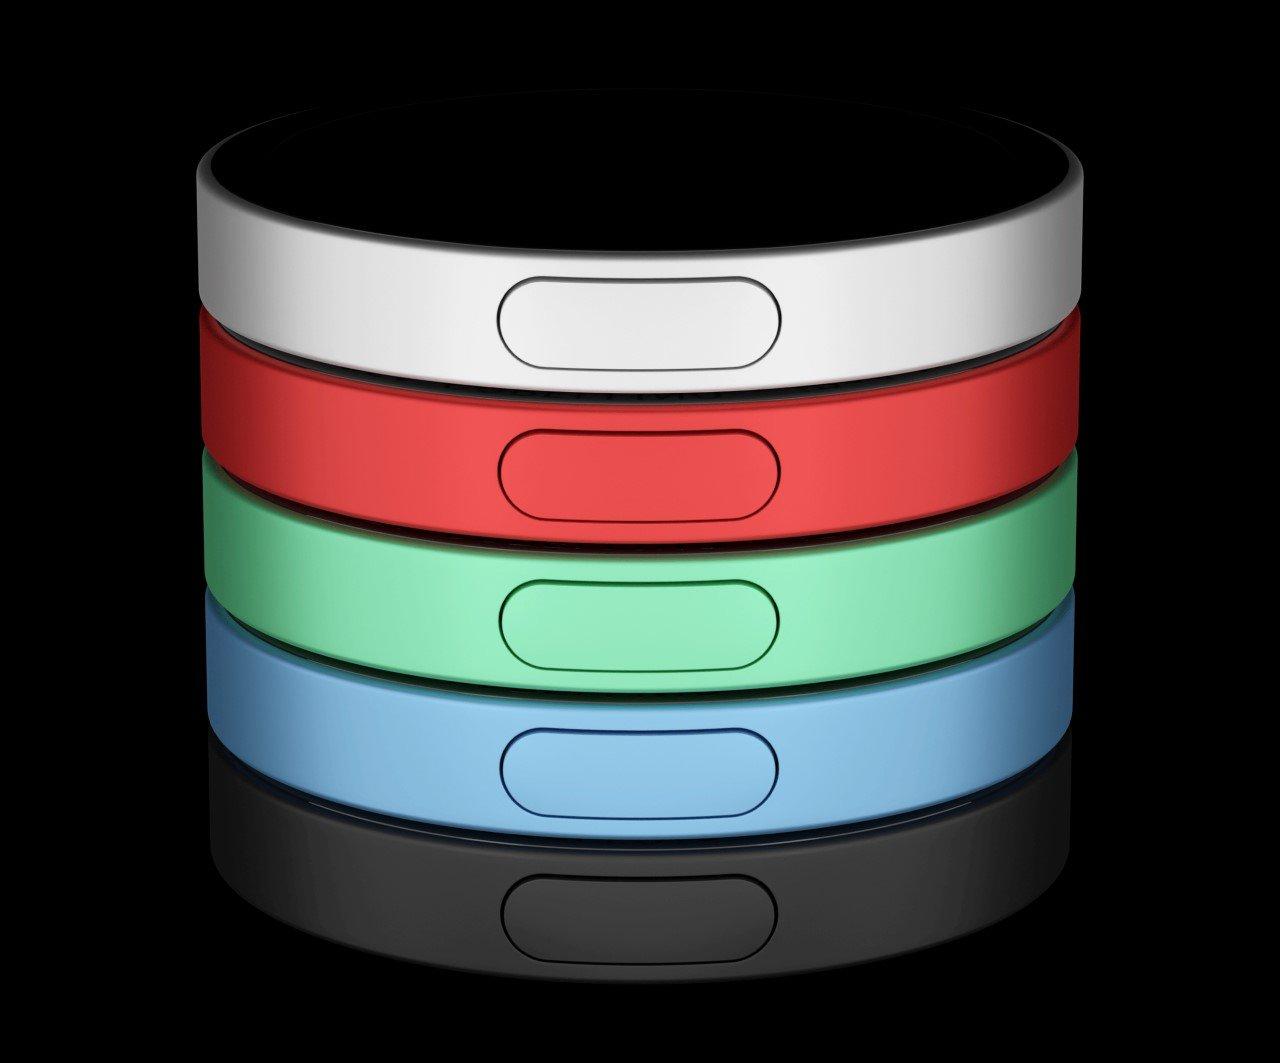 Apple iPod Nano Circular Concept by Andrea Copellino